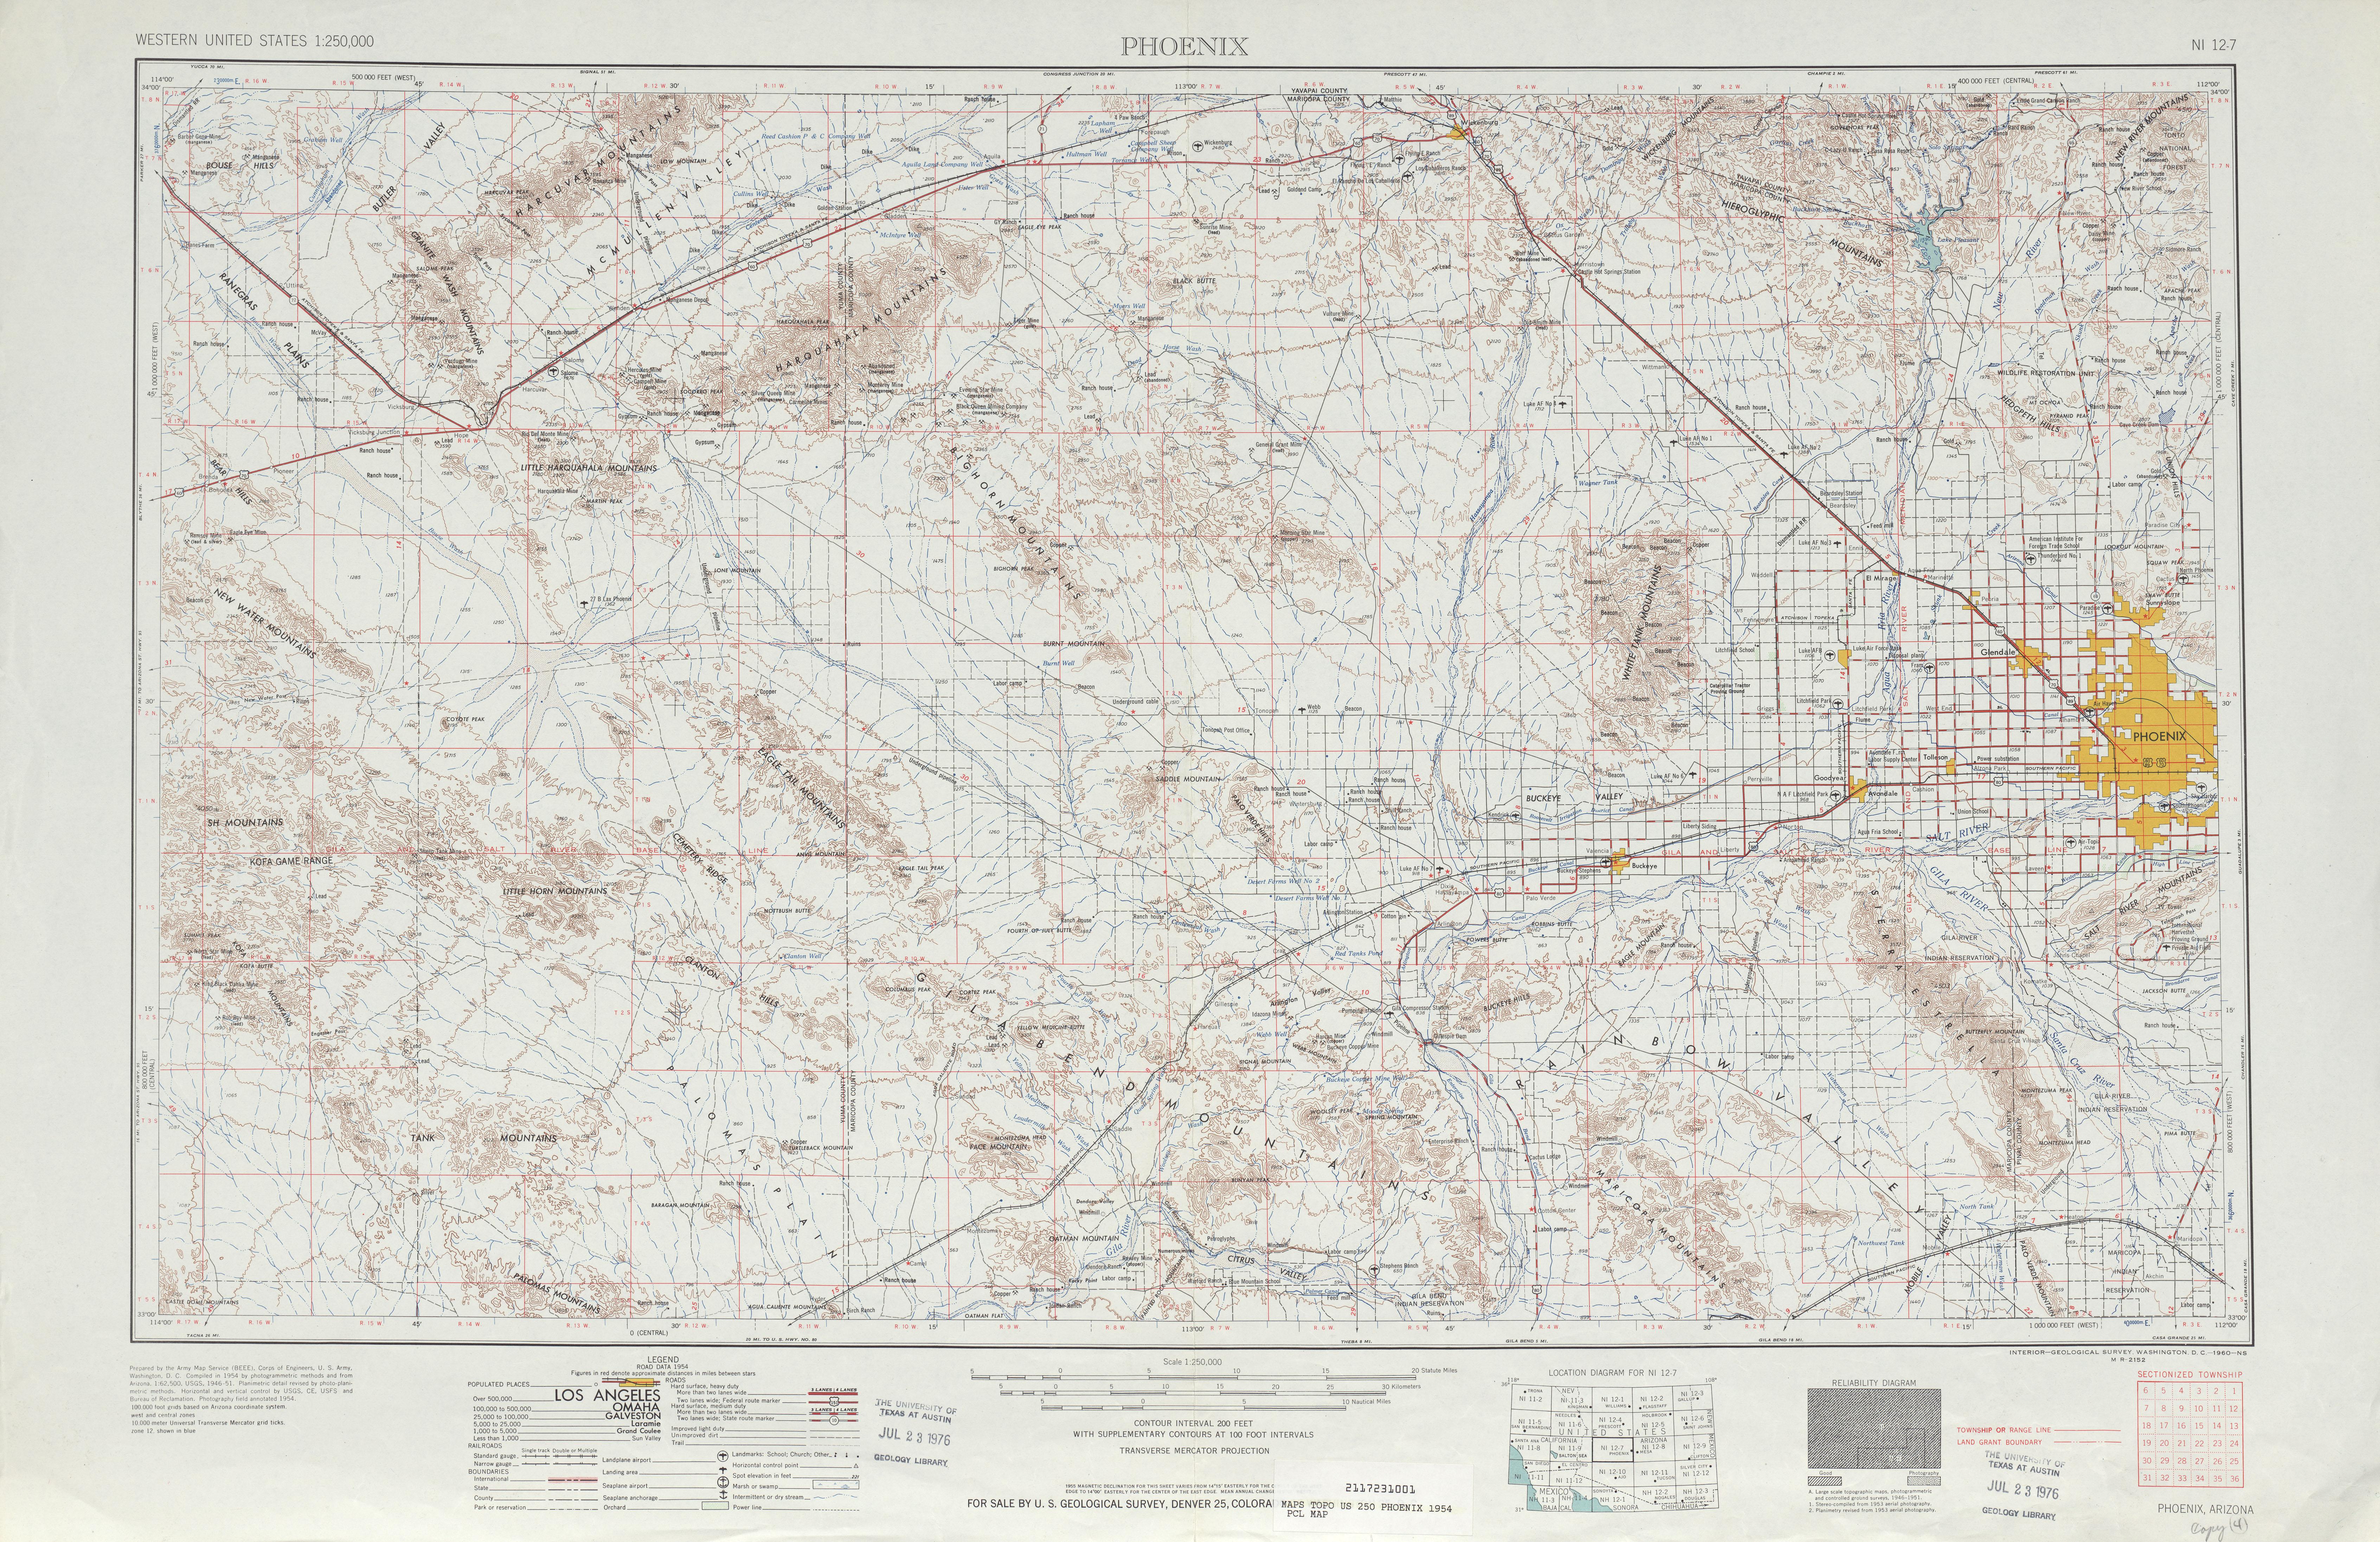 Hoja Phoenix del Mapa Topográfico de los Estados Unidos 1954